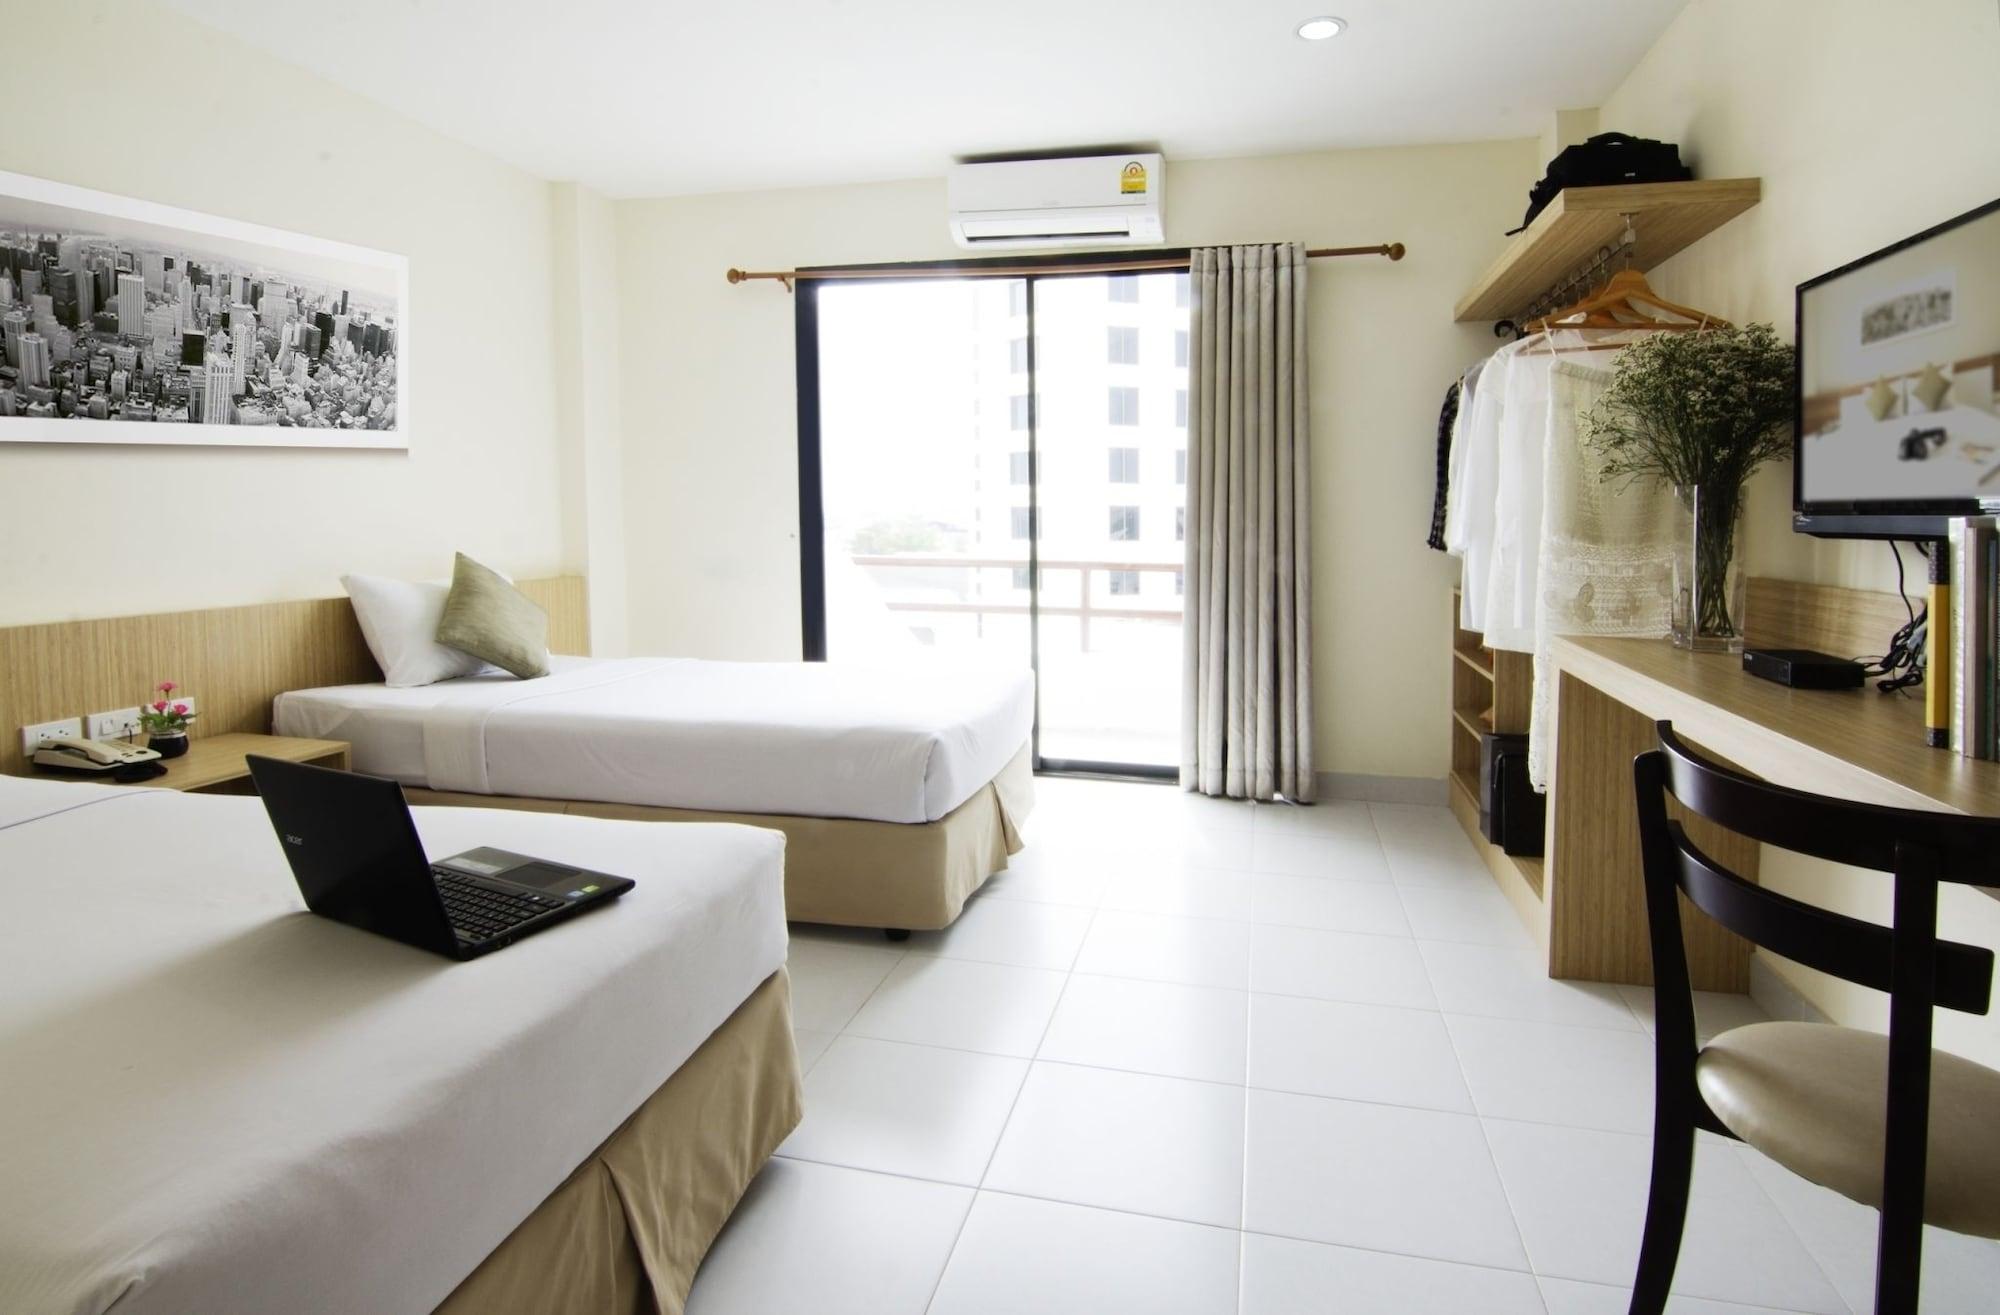 Star 3 Residence, Muang Rayong